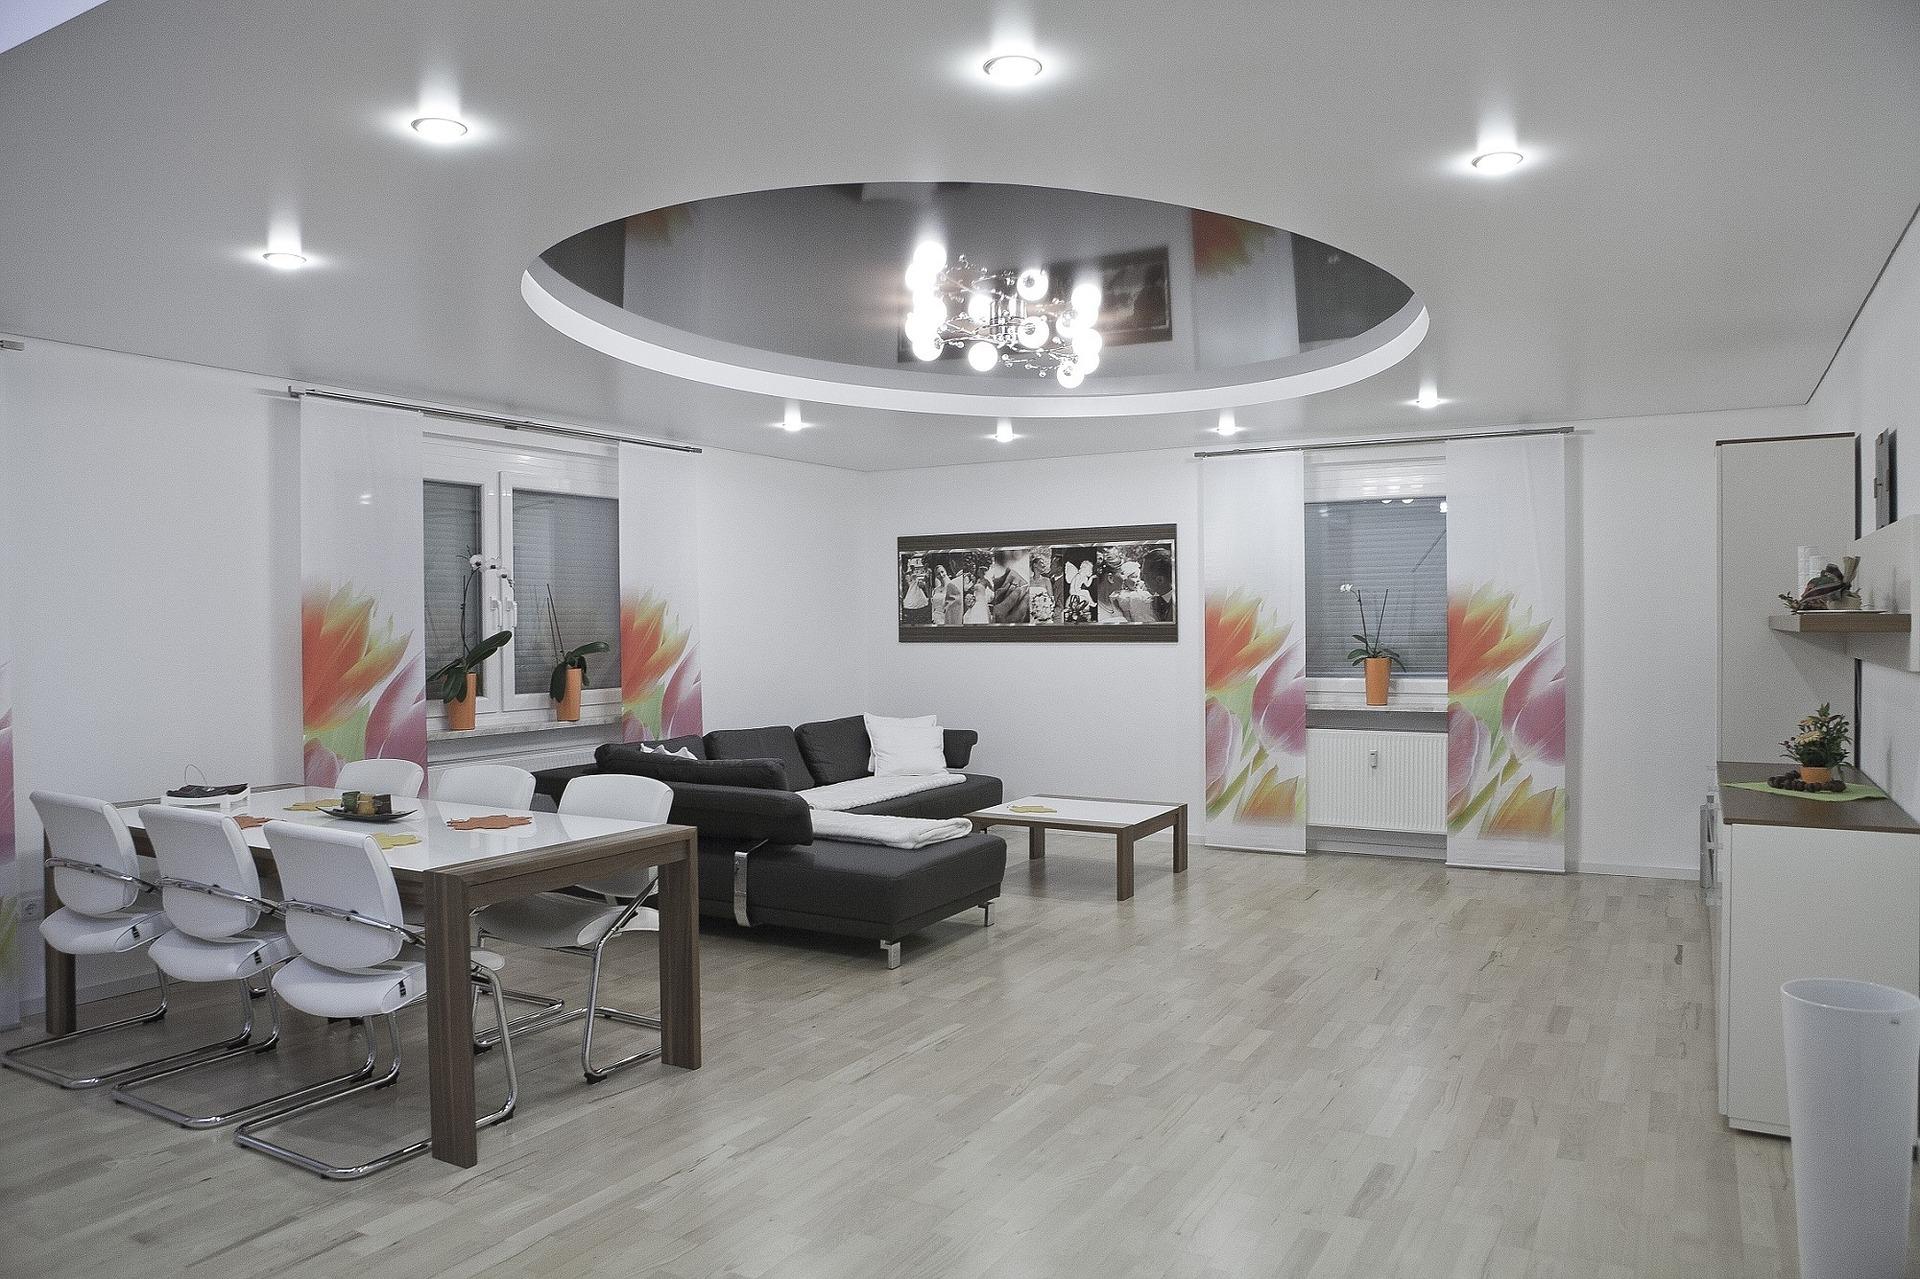 Le plafond tendu est une méthode simple qui contient de nombreux avantages.